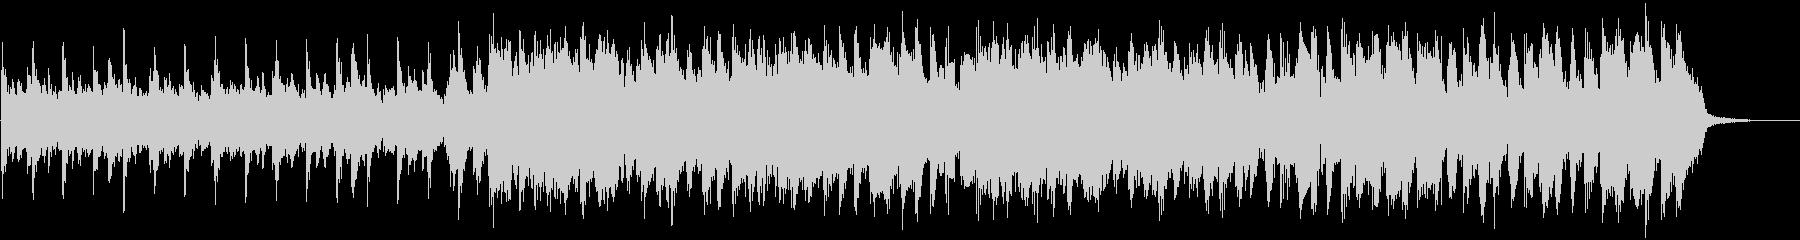 【30秒】カントリー&ウェスタンの楽曲の未再生の波形